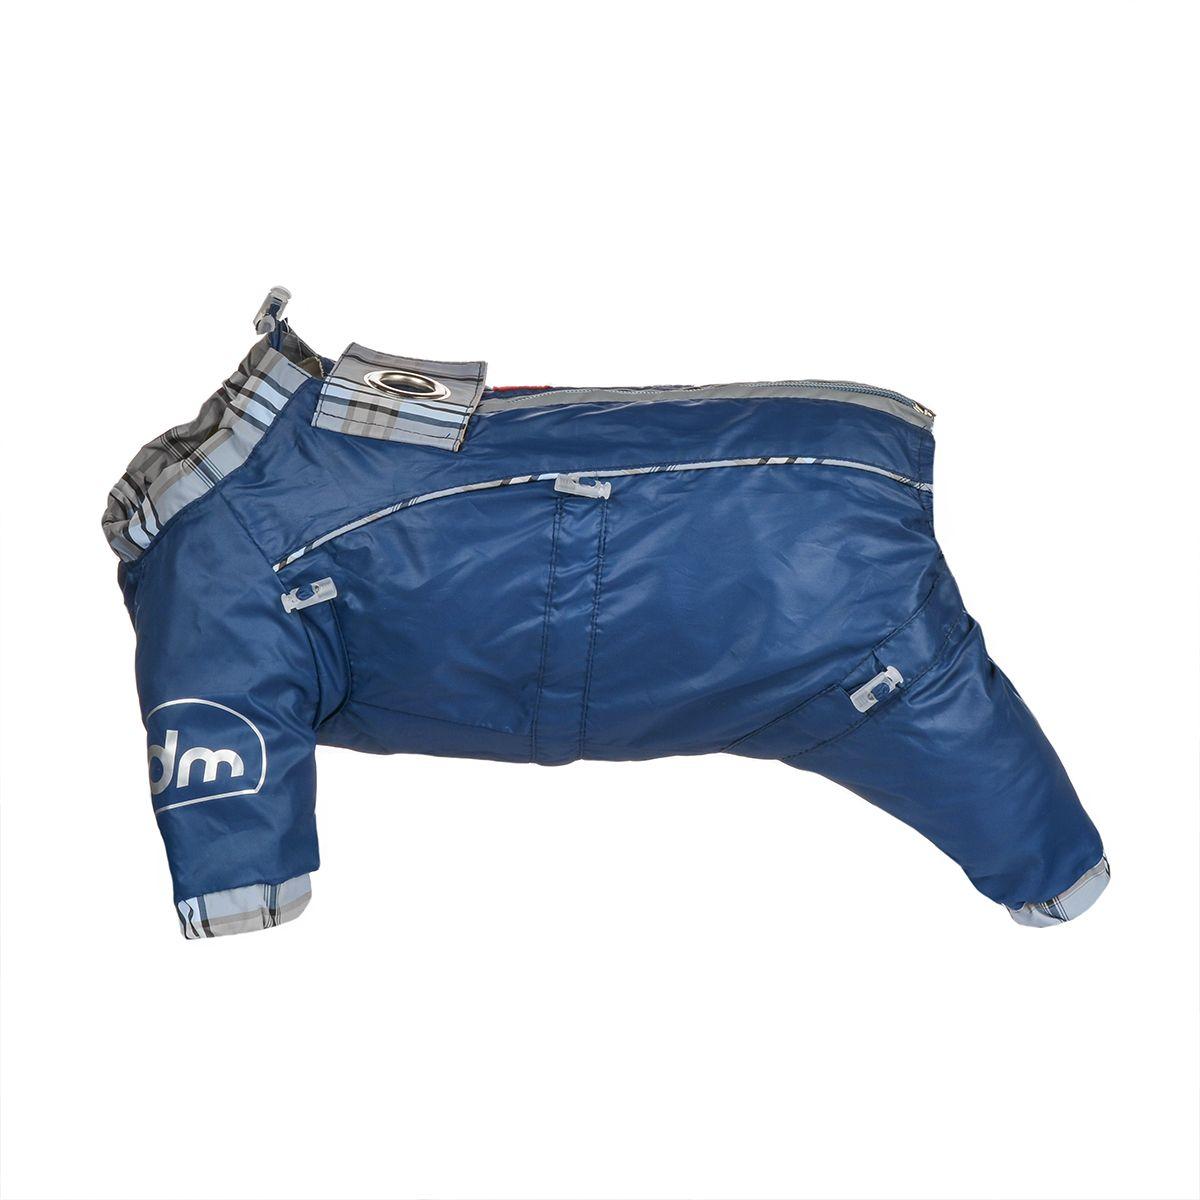 Комбинезон для собак Dogmoda Doggs, для мальчика, цвет: темно-синий. Размер XXLDM-140522Комбинезон для собак Dogmoda Doggs отлично подойдет для прогулок в ветреную погоду. Комбинезон изготовлен из полиэстера, защищающего от ветра и осадков, с подкладкой из вискозы, которая обеспечит отличный воздухообмен. Комбинезон застегивается на молнию и липучку, благодаря чему его легко надевать и снимать. Молния снабжена светоотражающими элементами. Низ рукавов и брючин оснащен внутренними резинками, которые мягко обхватывают лапки, не позволяя просачиваться холодному воздуху. На вороте, пояснице и лапках комбинезон затягивается на шнурок-кулиску с затяжкой. Модель снабжена непромокаемым карманом для размещения записки с информацией о вашем питомце, на случай если он потеряется. Благодаря такому комбинезону простуда не грозит вашему питомцу и он не даст любимцу продрогнуть на прогулке.